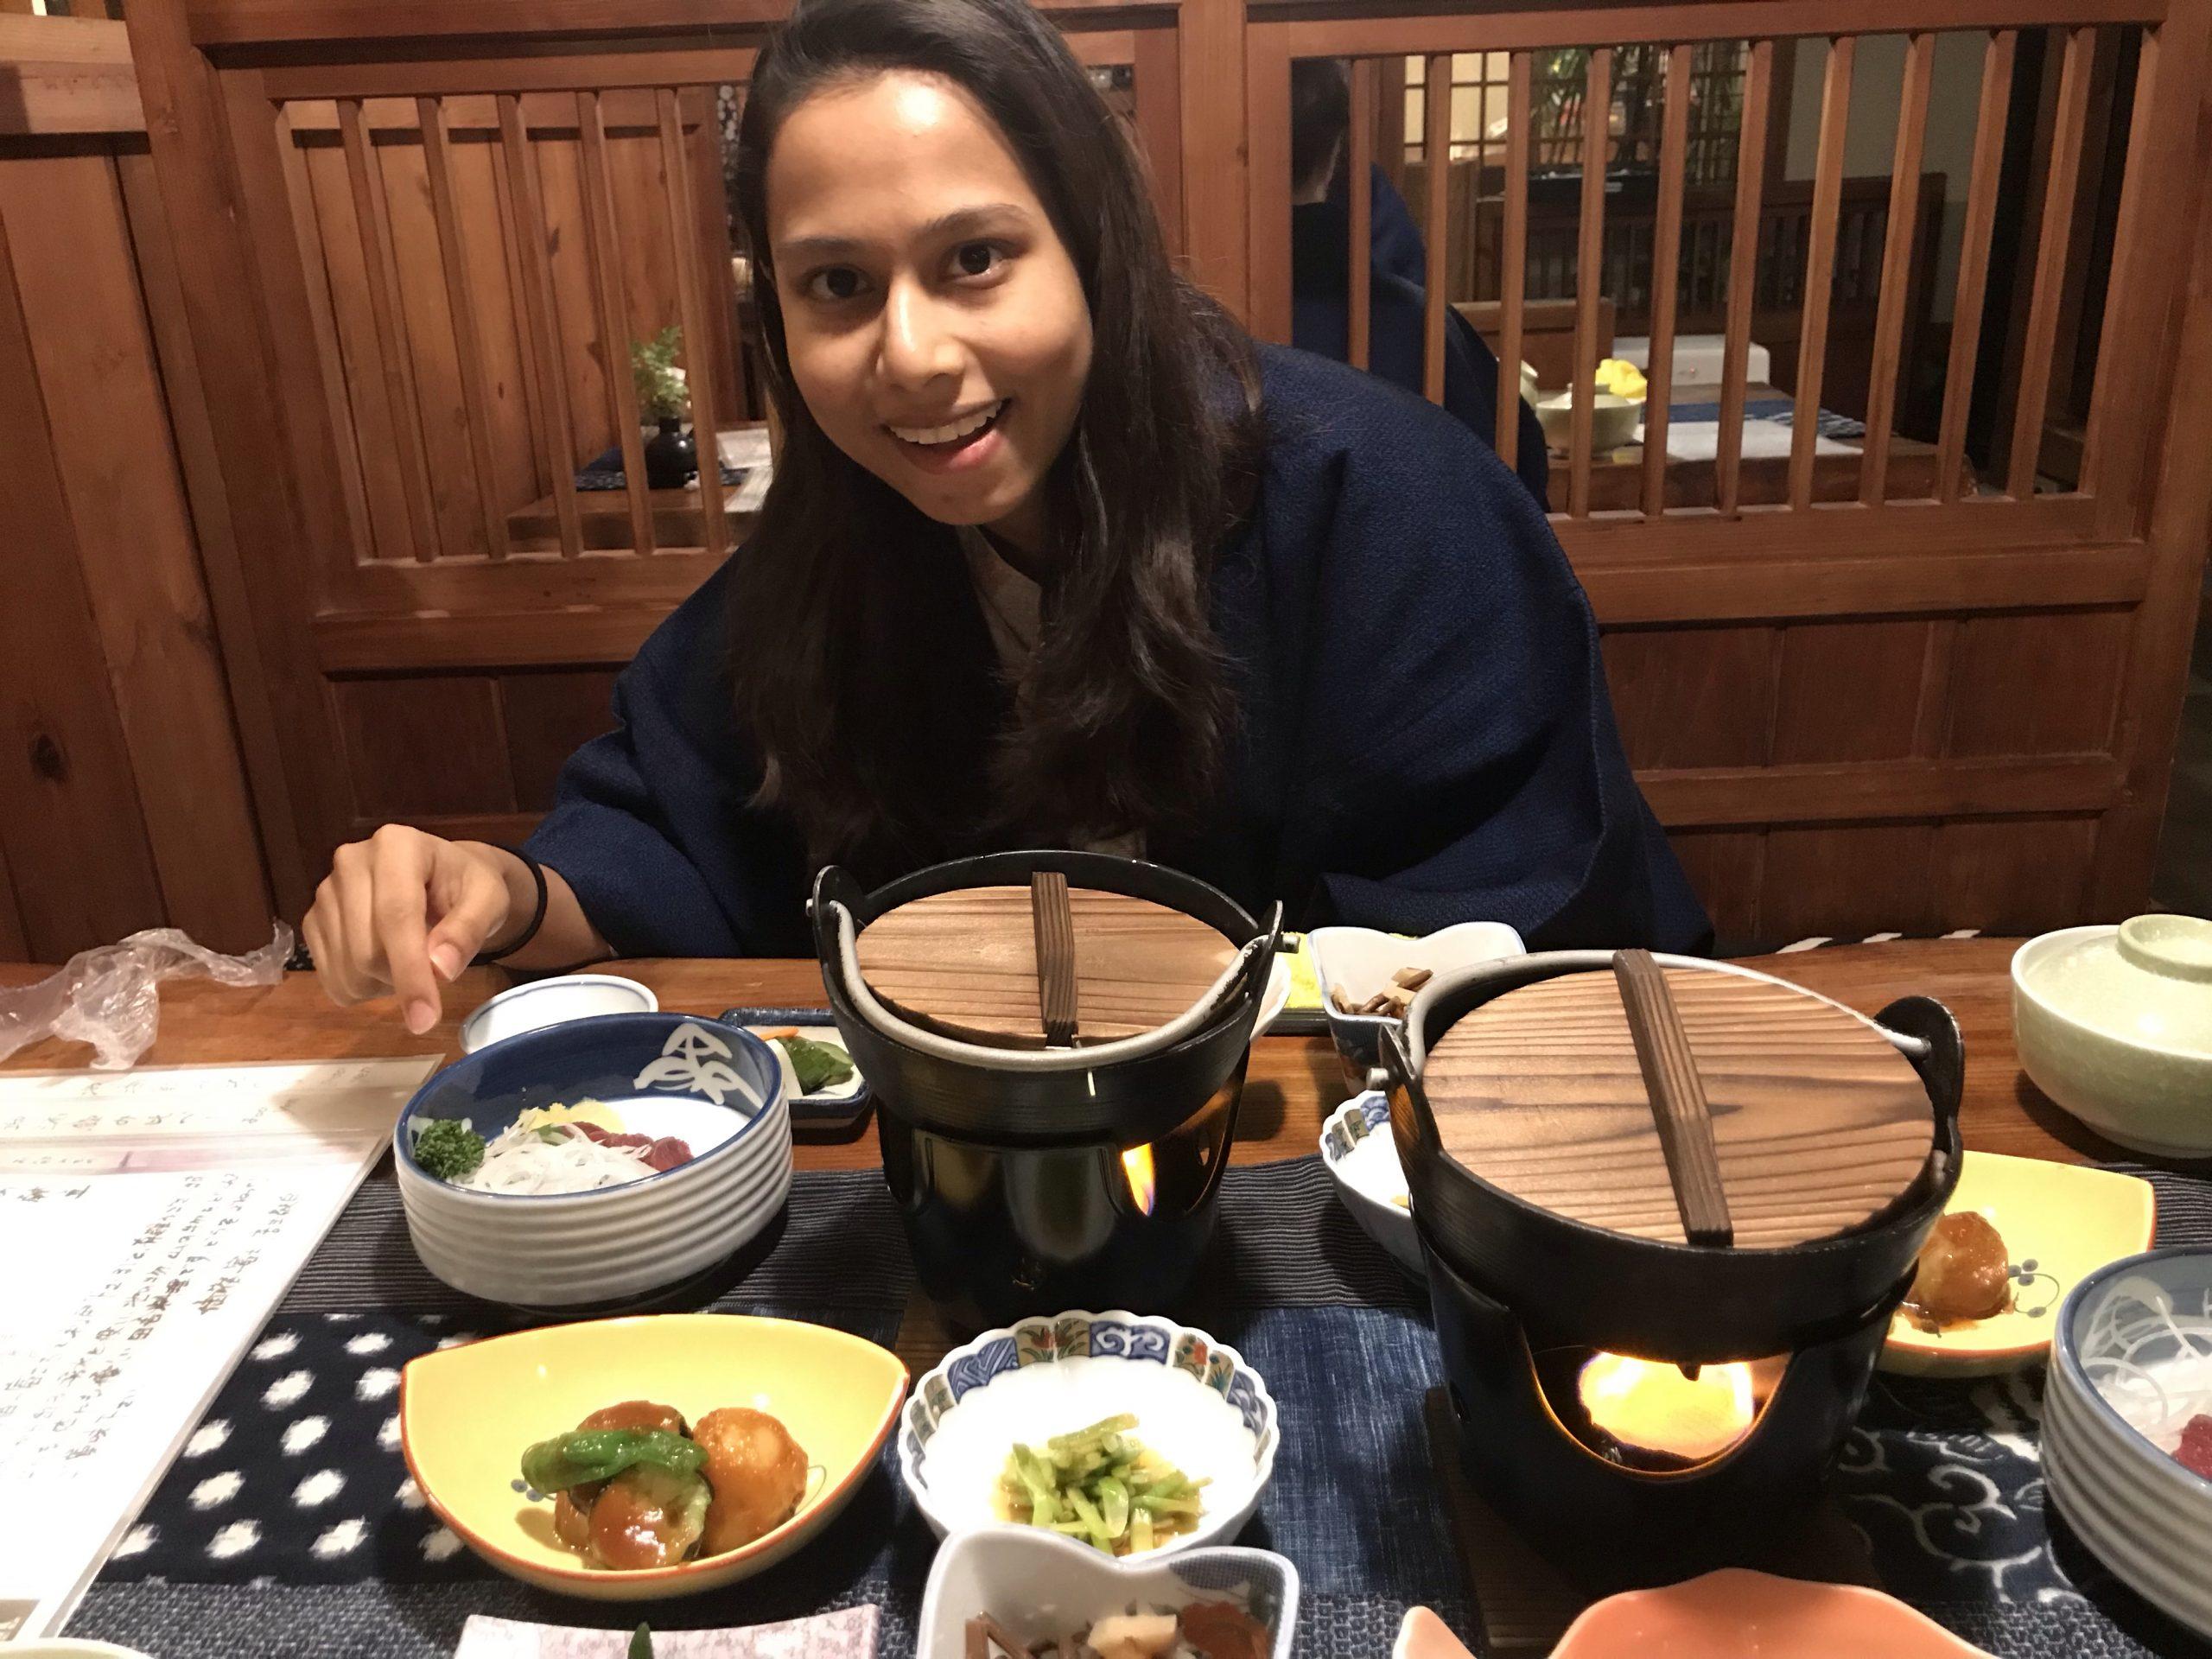 「【国内旅行】東京から近いおすすめの温泉宿7選」のアイキャッチ画像